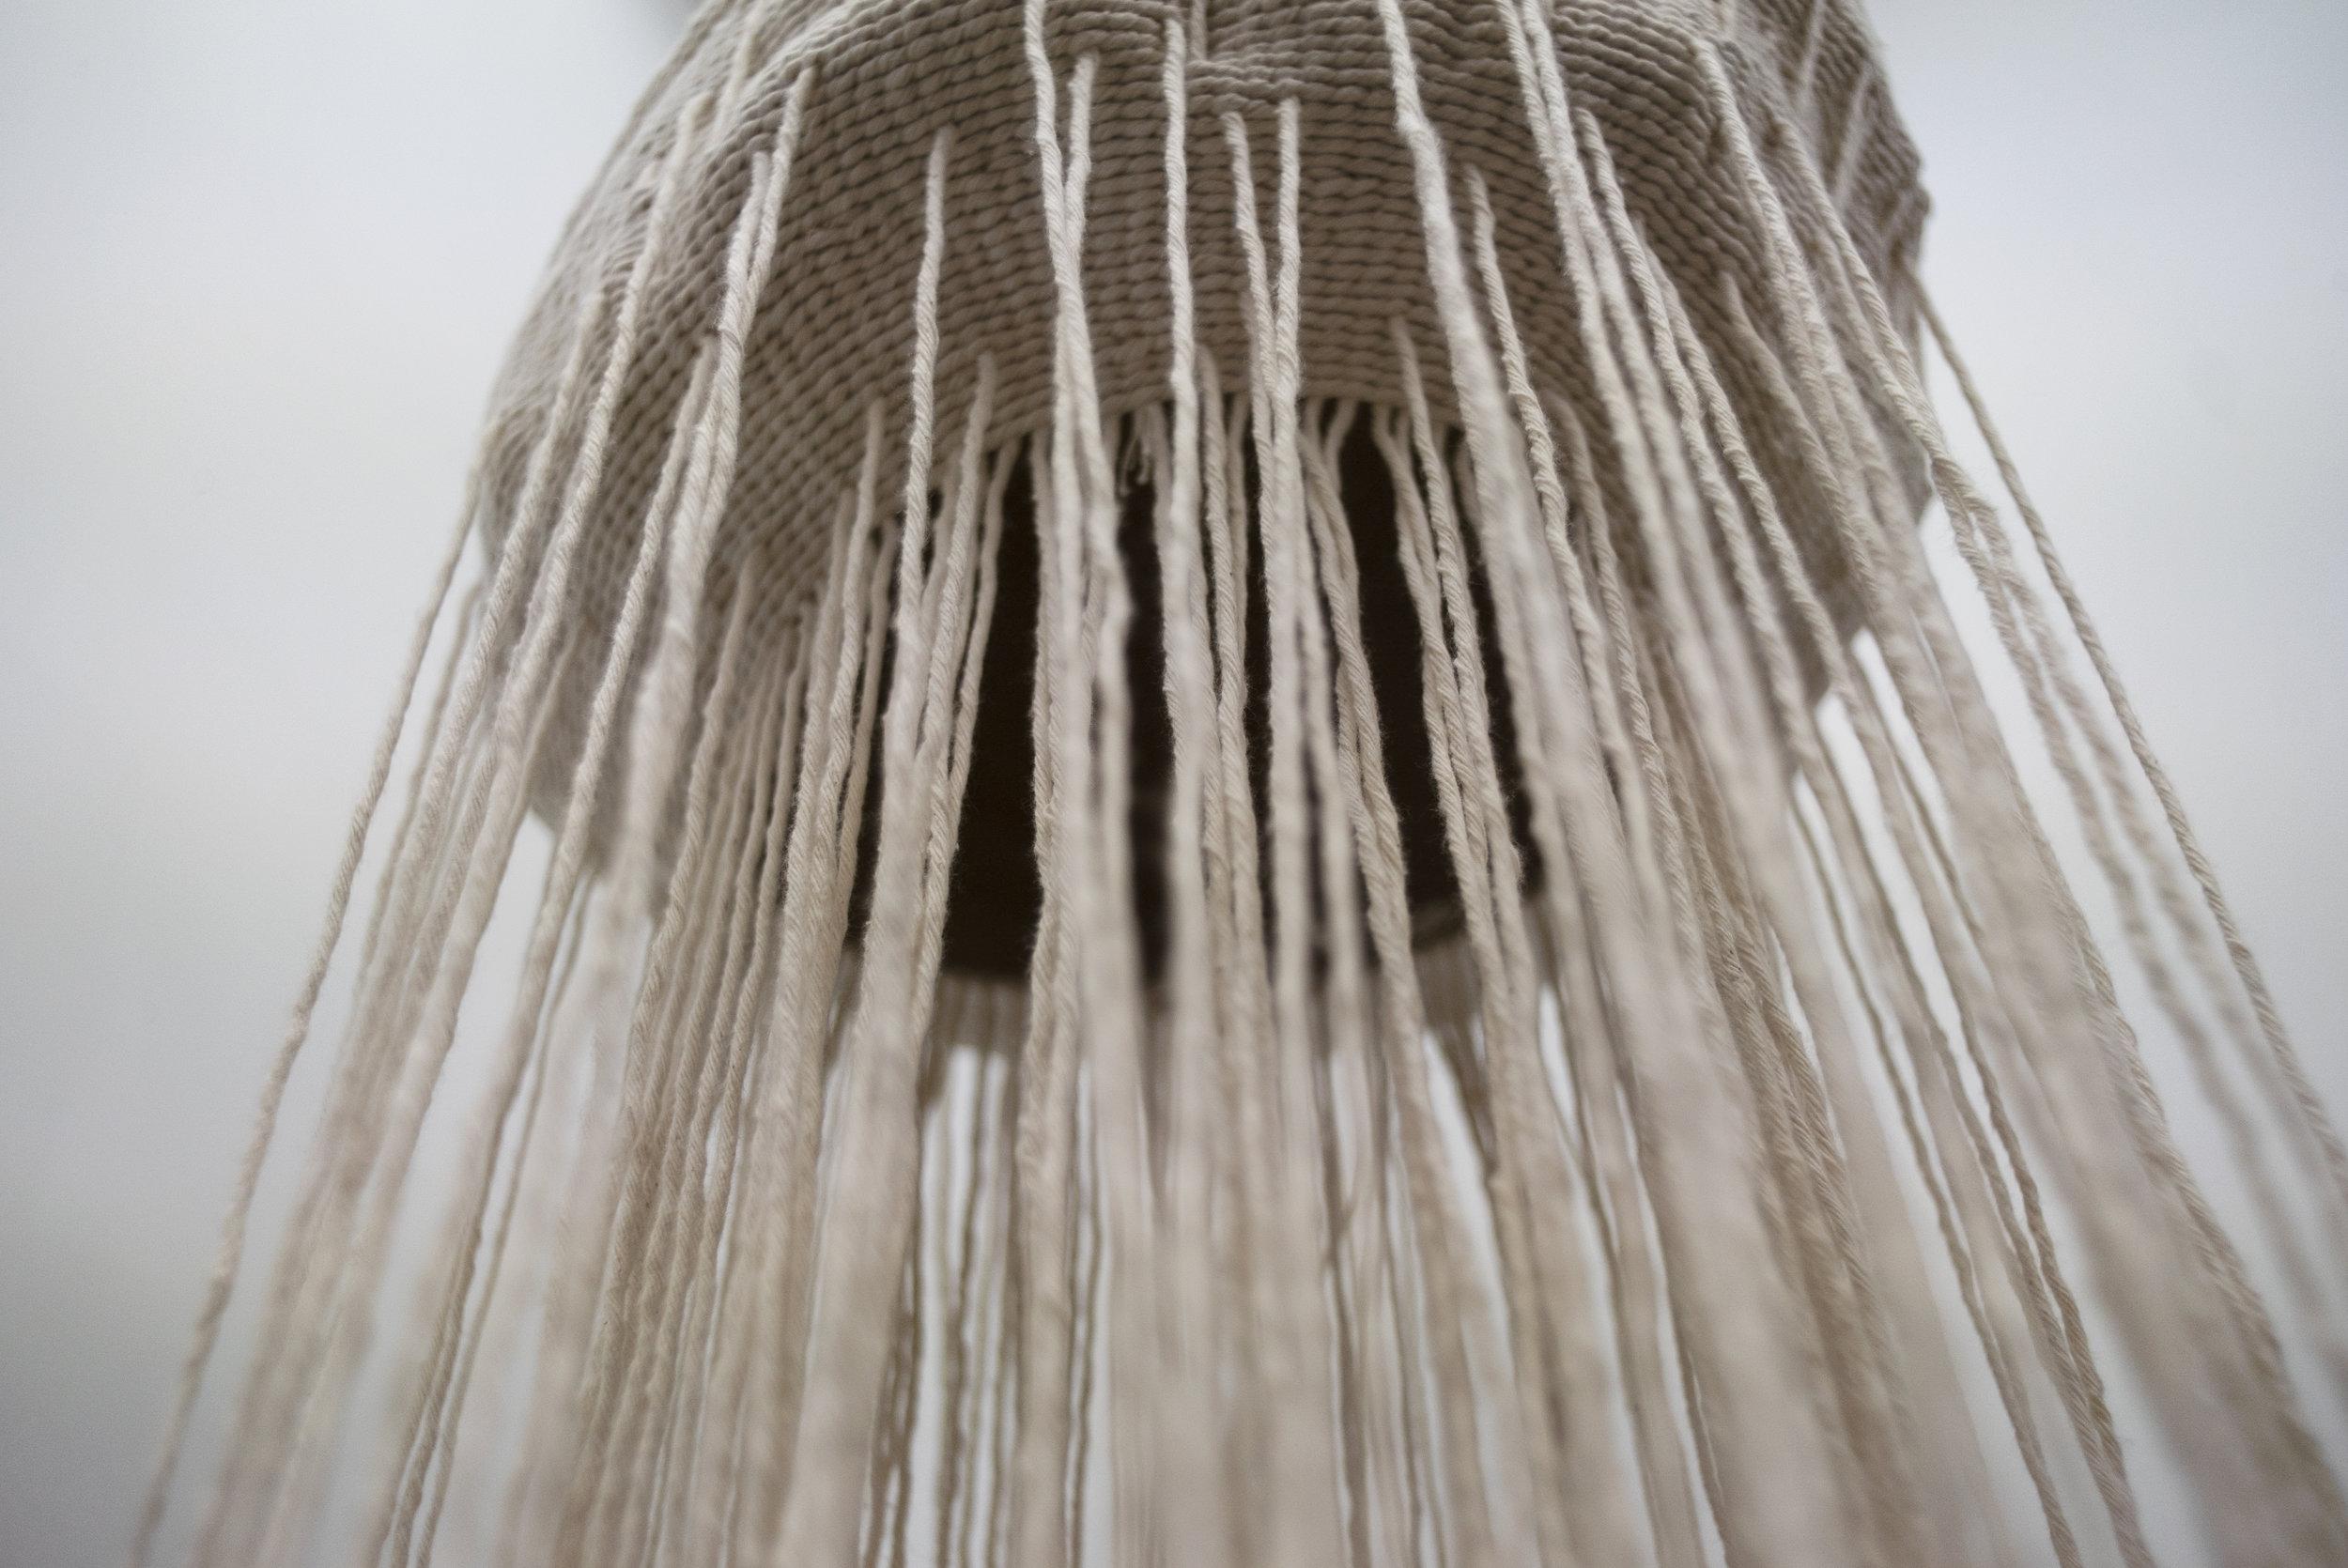 Hanging Alien5.jpg